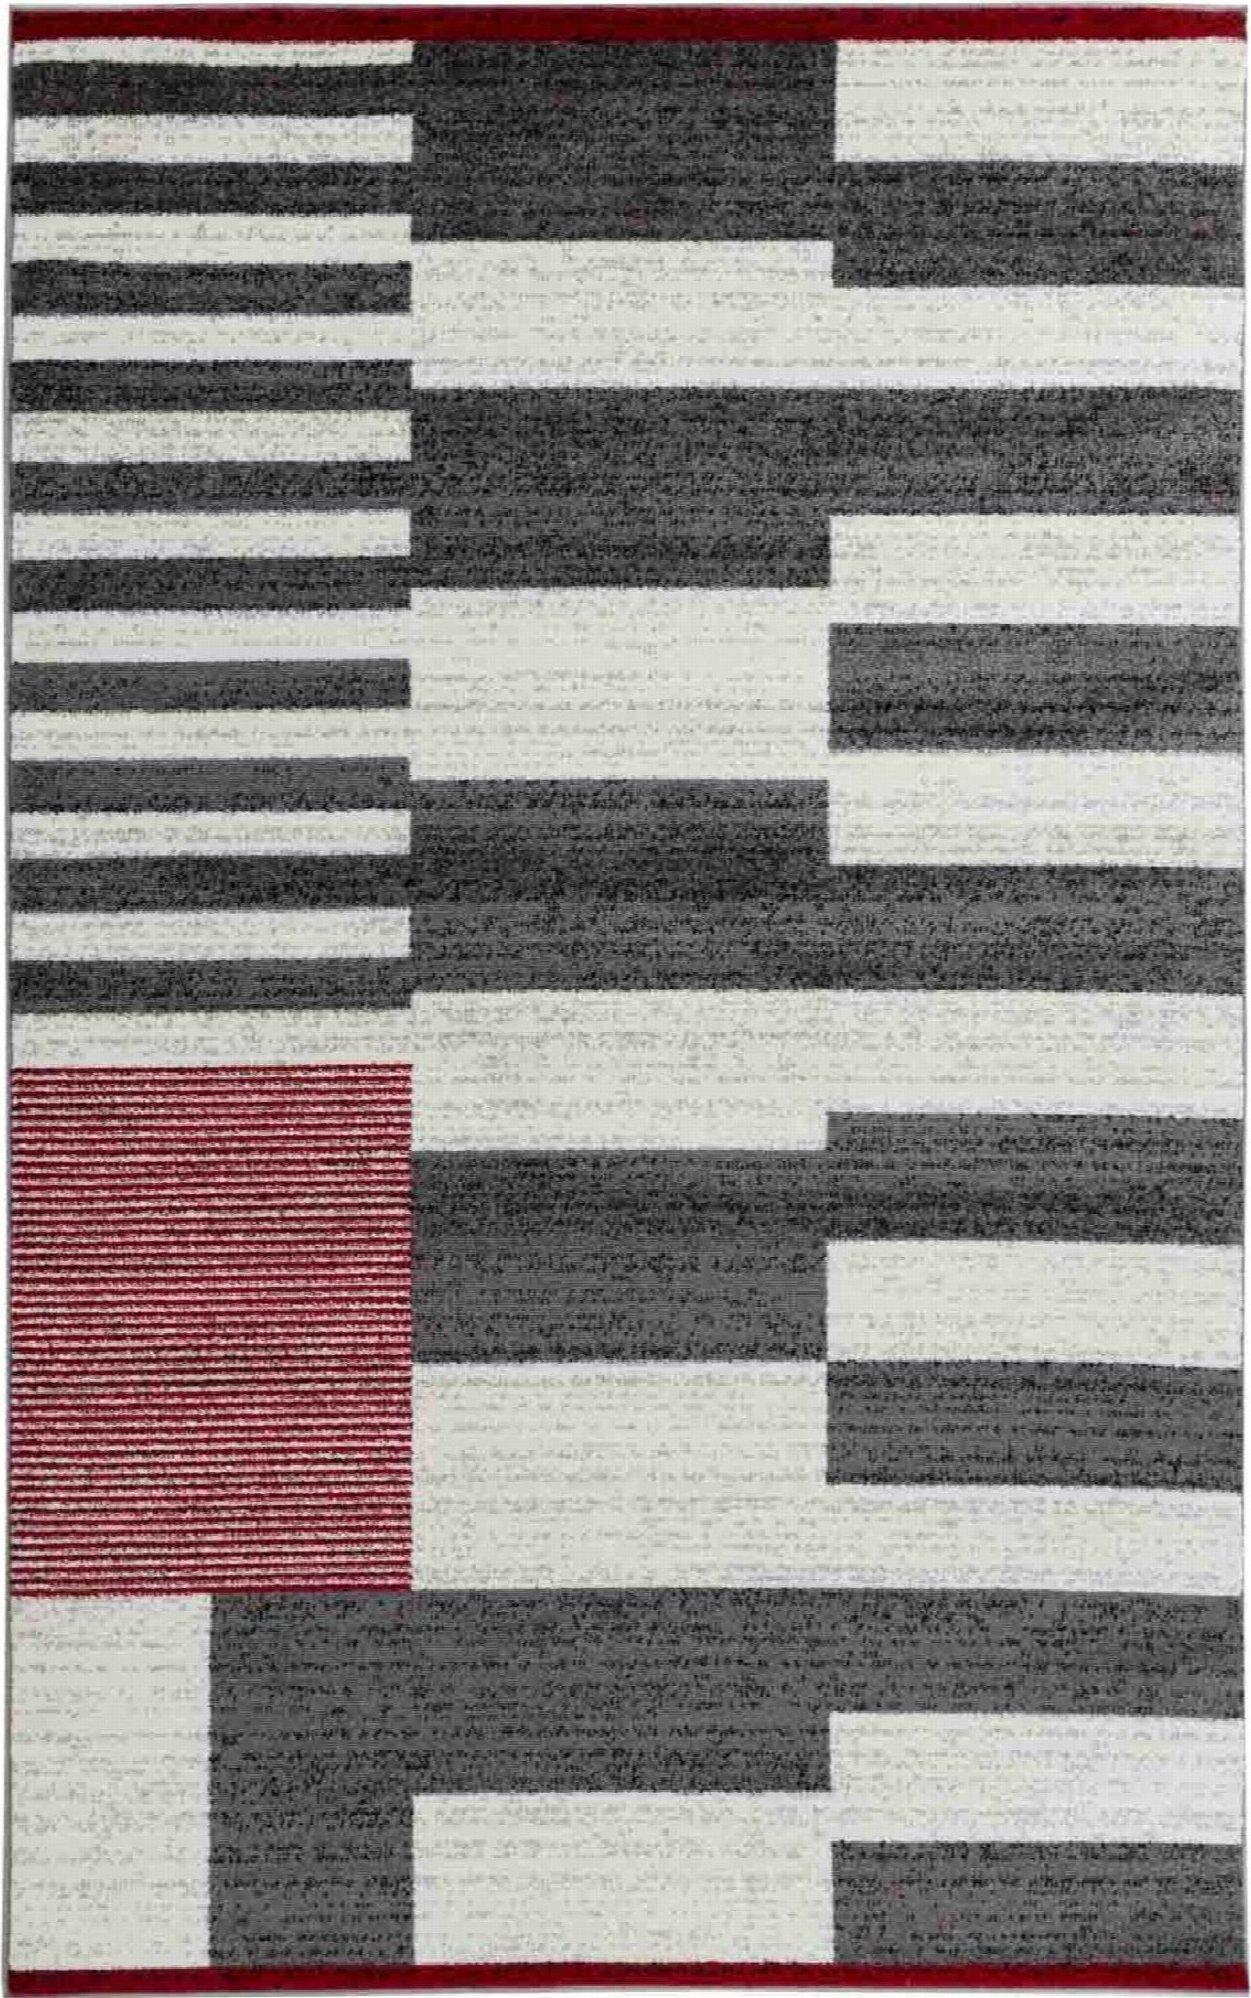 Noir ou Blanc Cheminée Couverts Géométrique Motif et dans Beau Design En Rouge